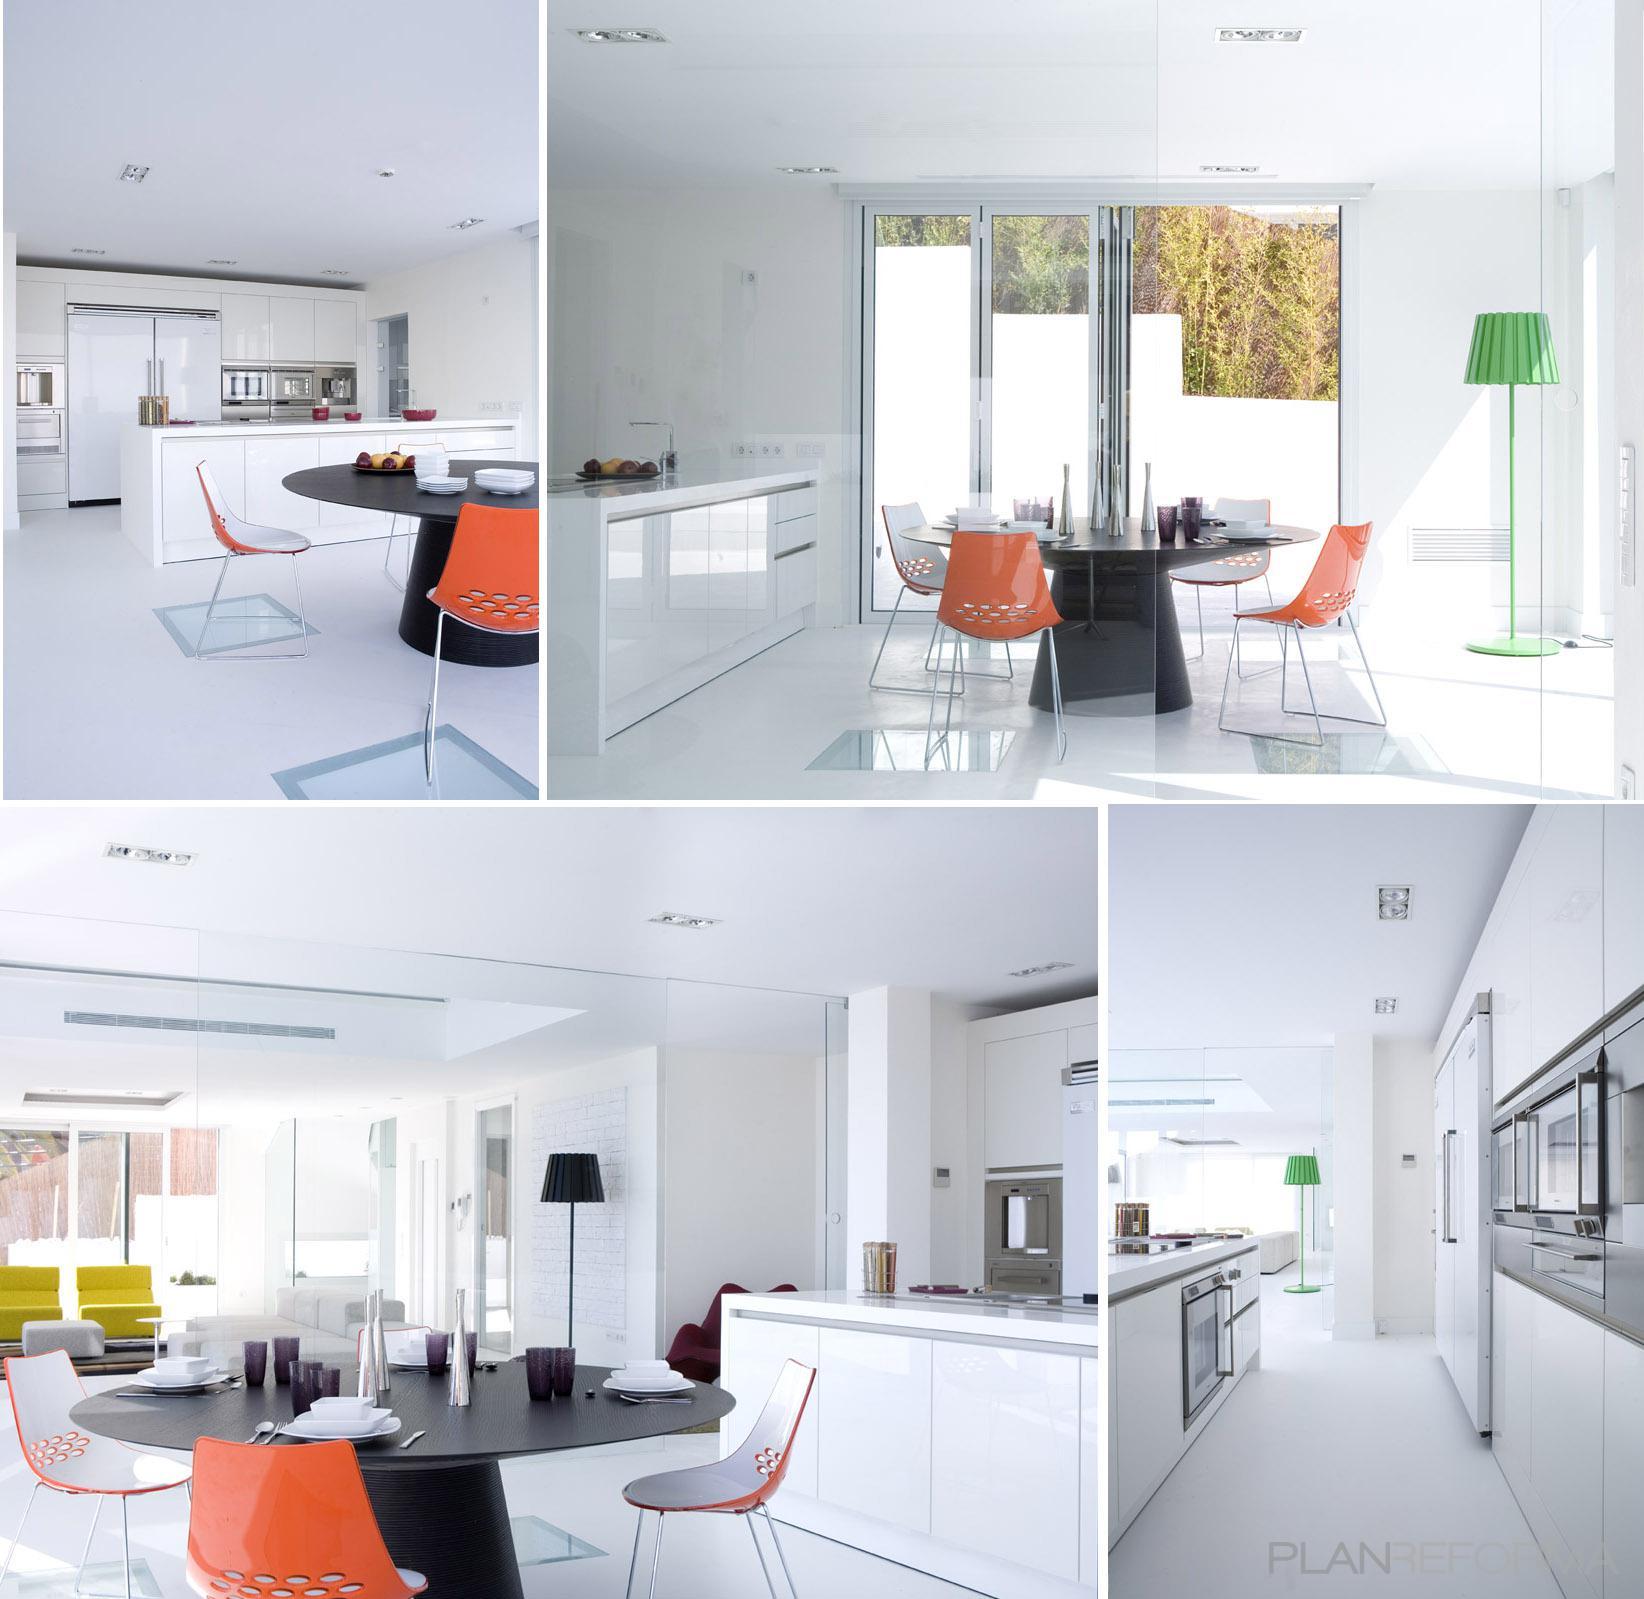 Comedor cocina salon style moderno color blanco gris - Cocina salon comedor ...